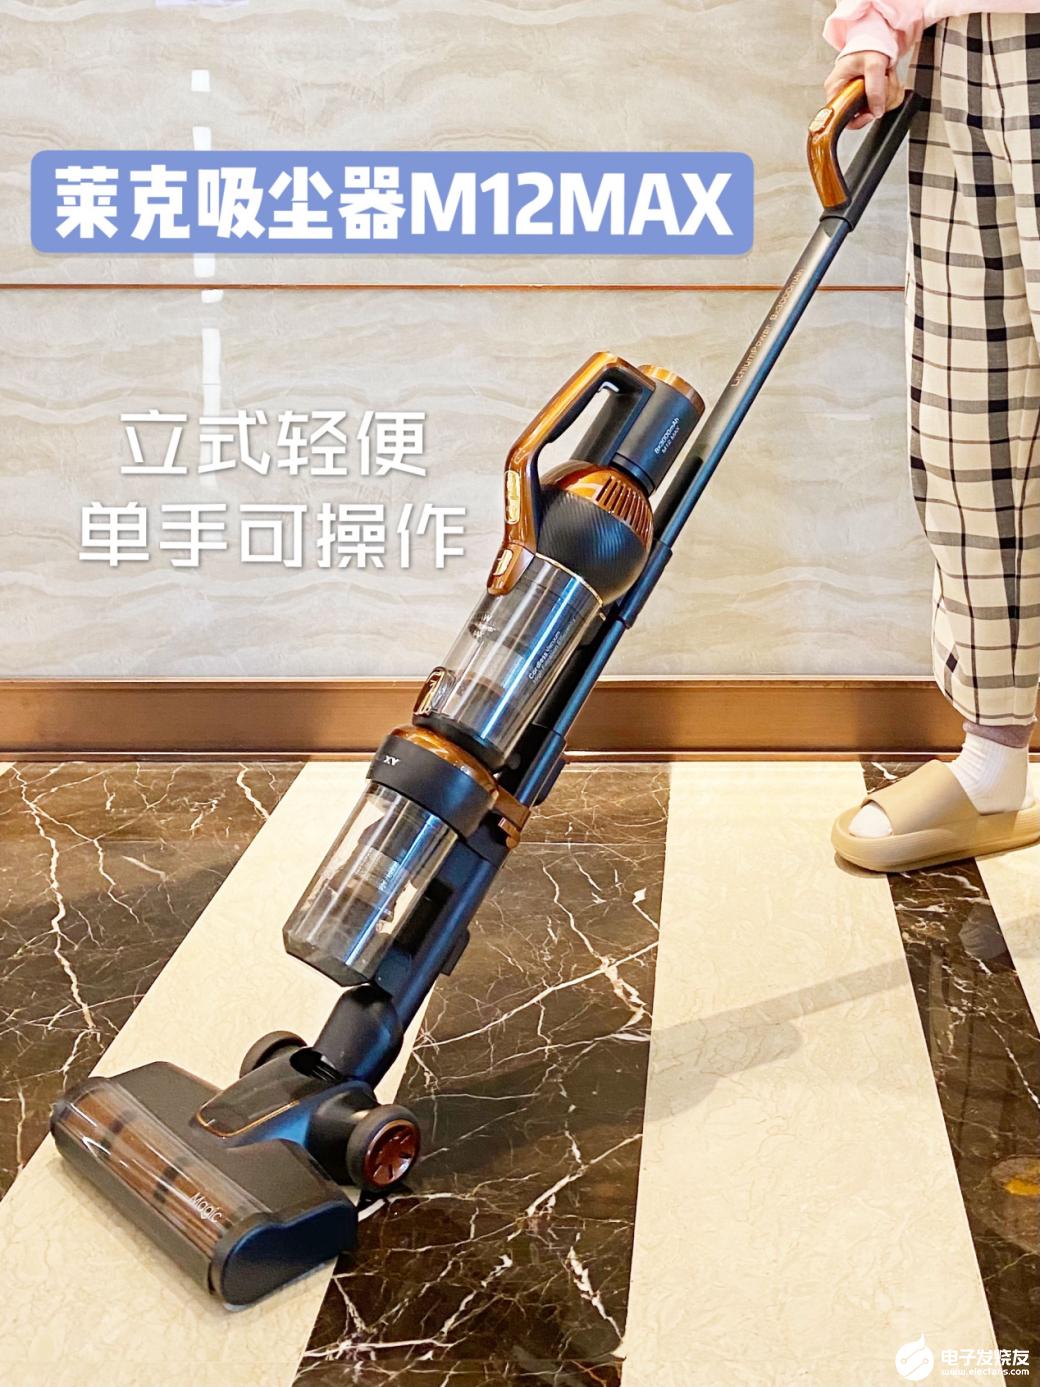 莱克M12 MAX吸尘器,缔造高效便利家居生活